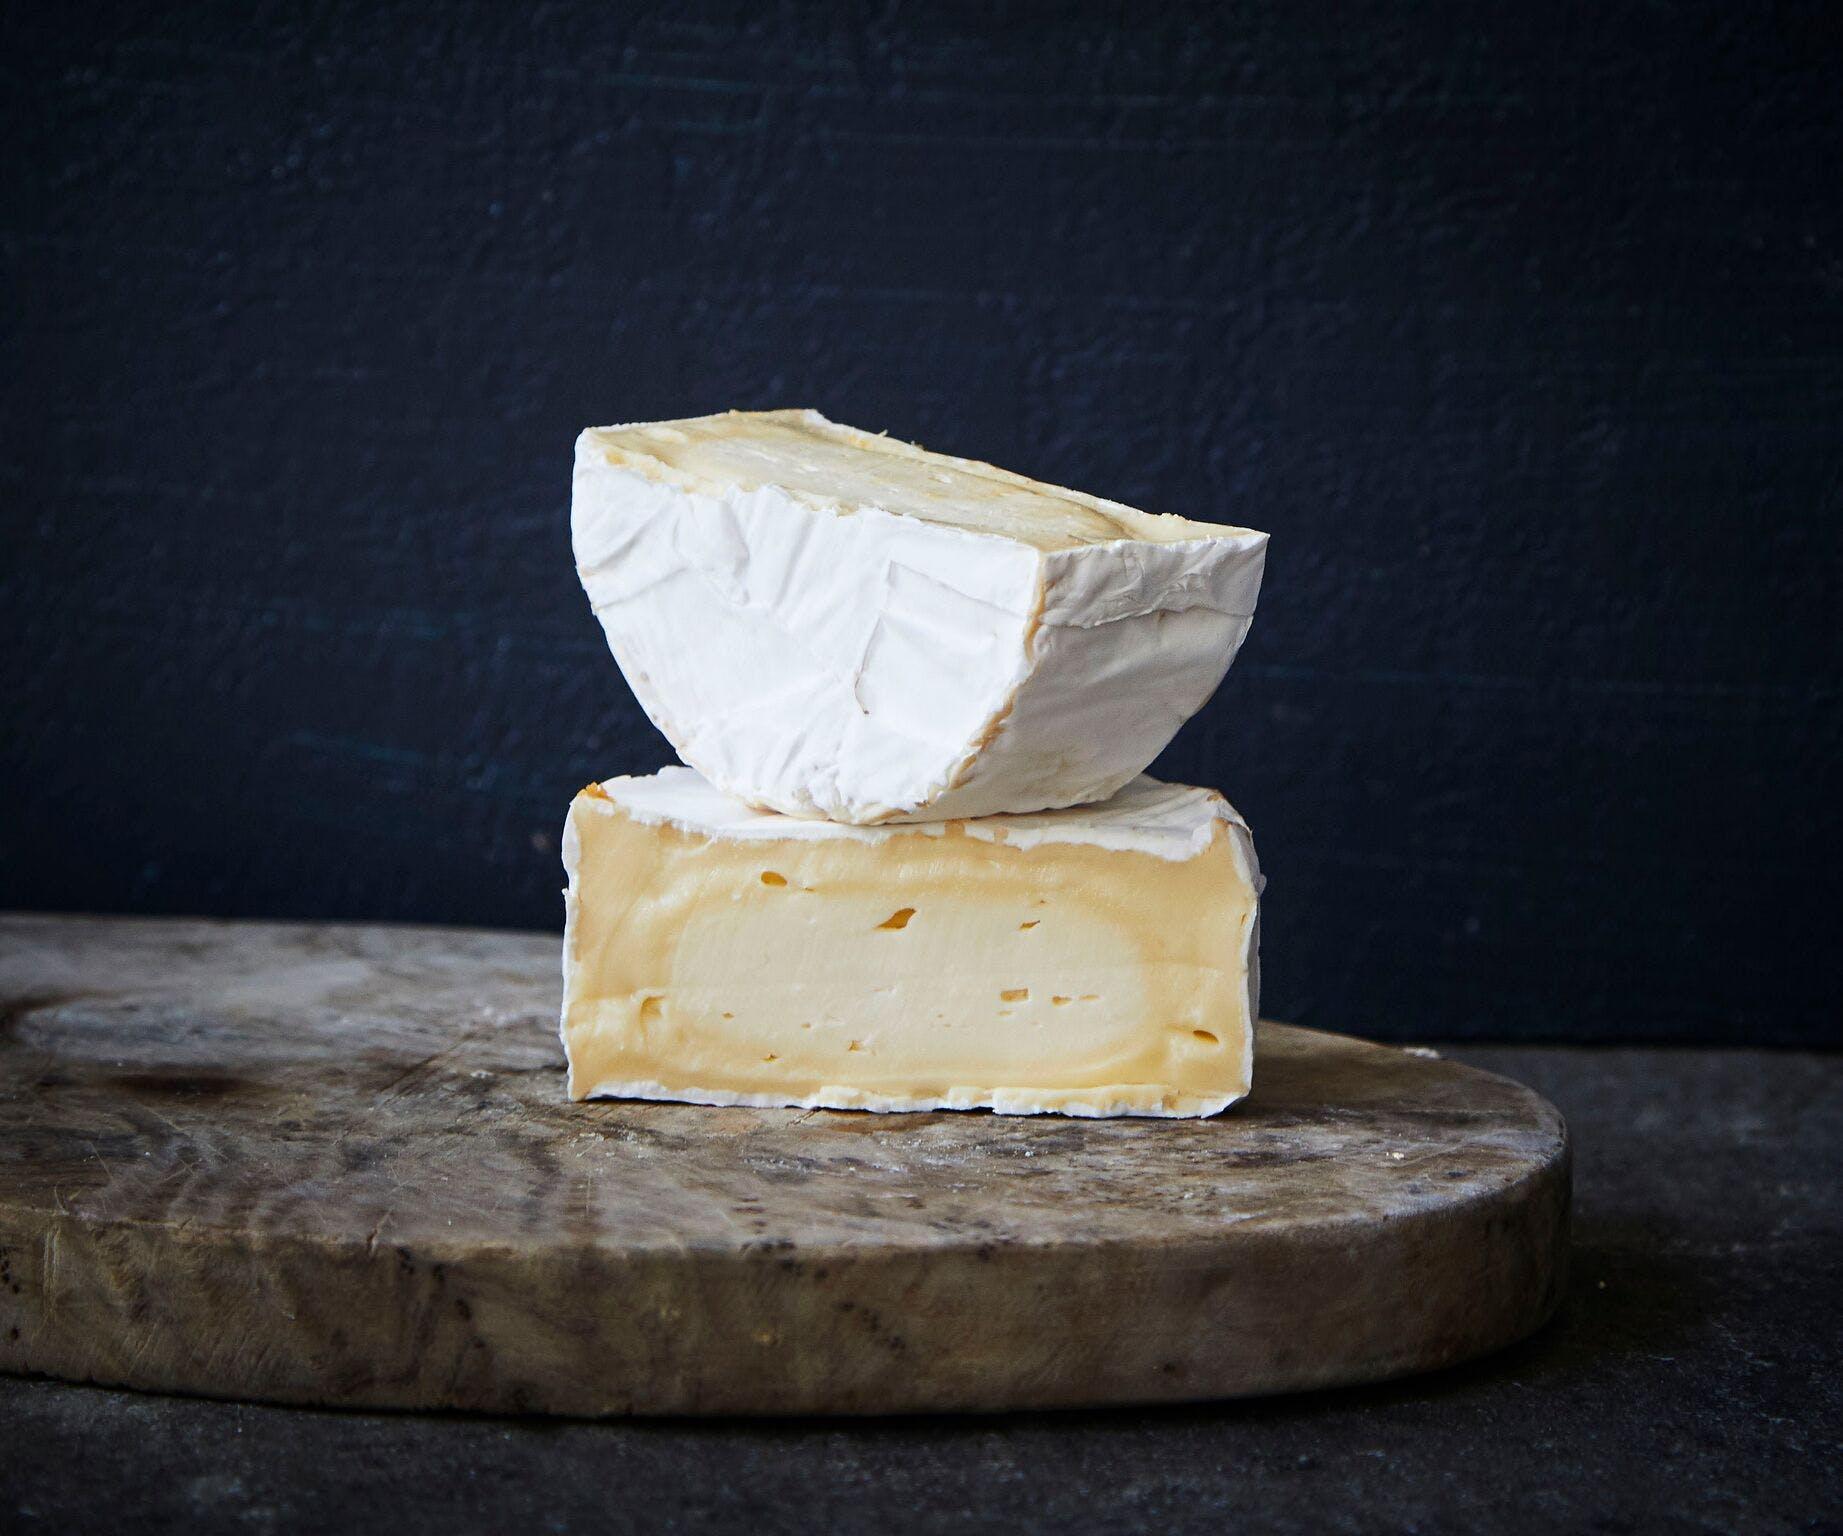 St Endillion Brie